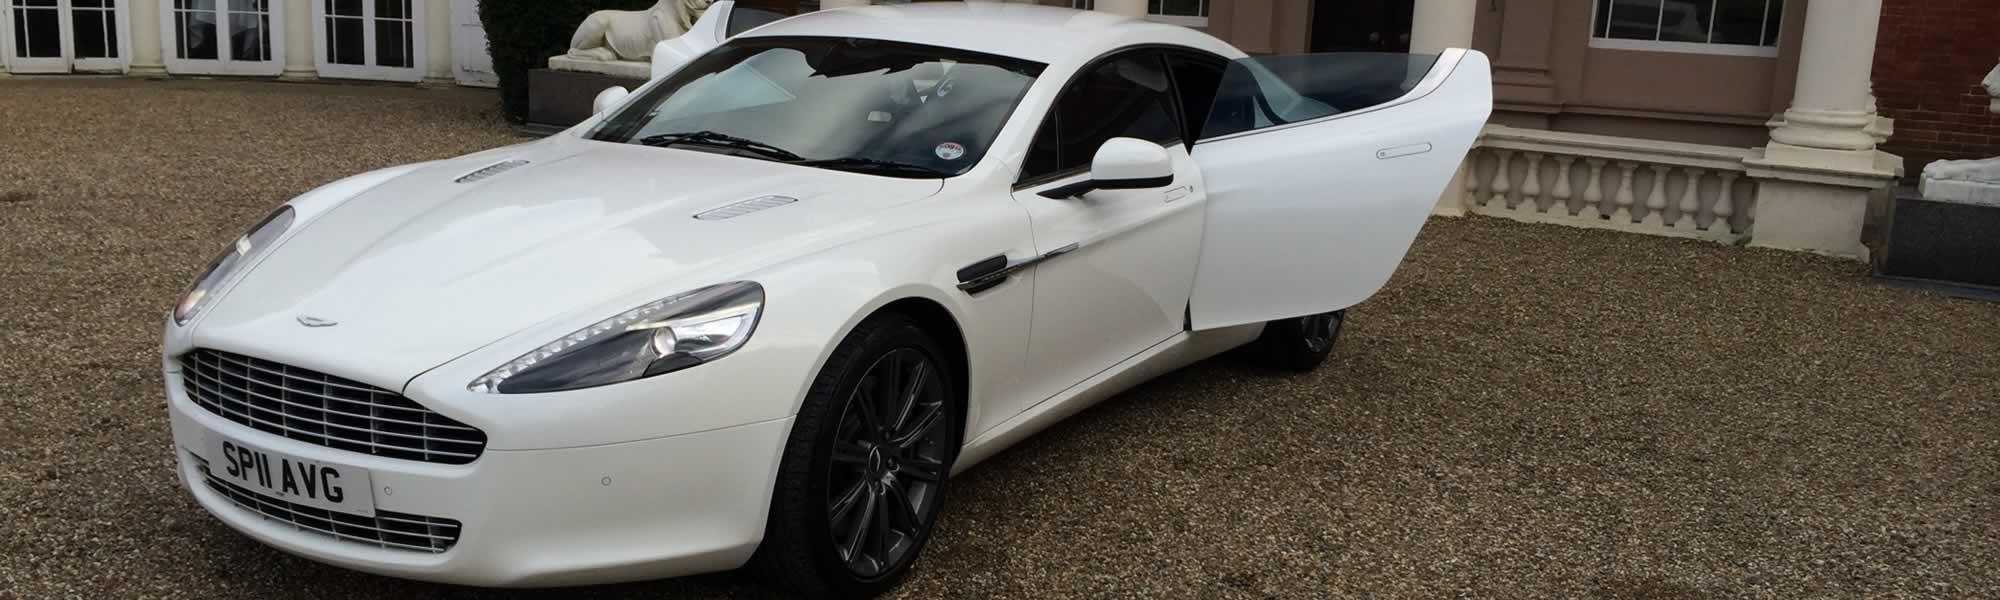 Aston Martin Hire Aston Martin Rapide Wedding Car Hire